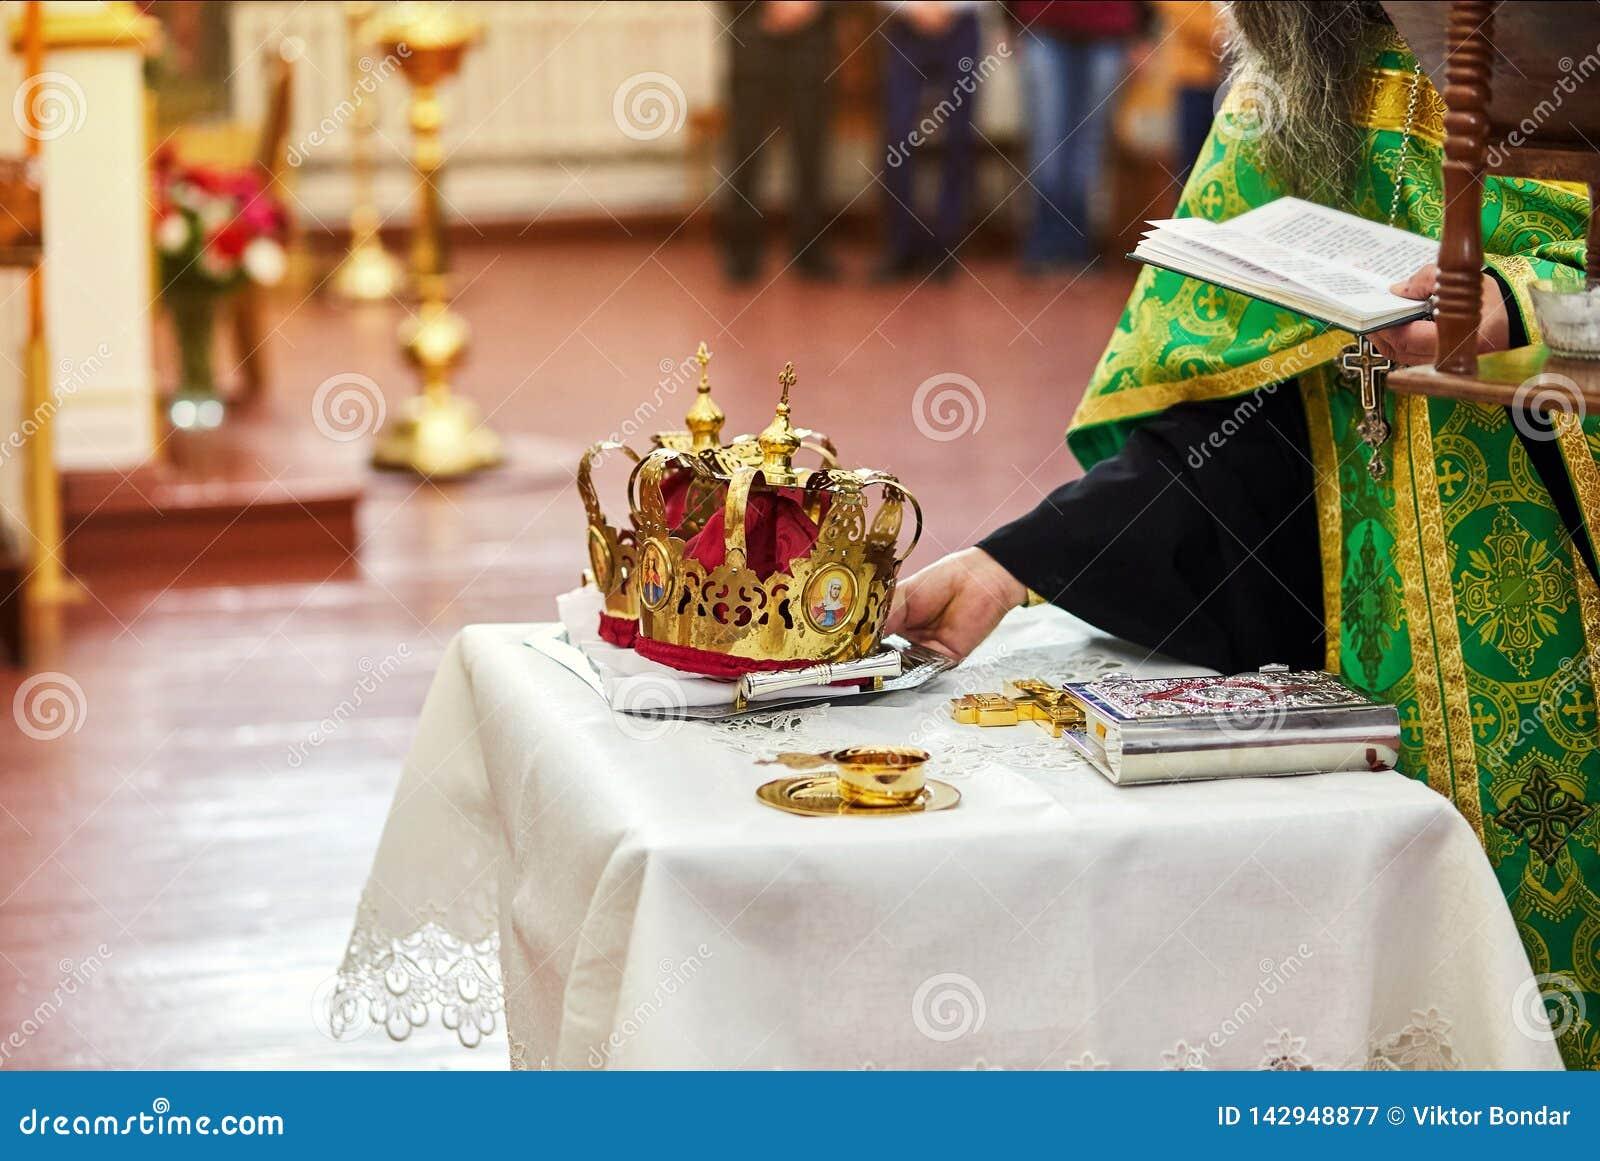 Alianças de casamento da troca dos recém-casados em uma cerimônia na igreja